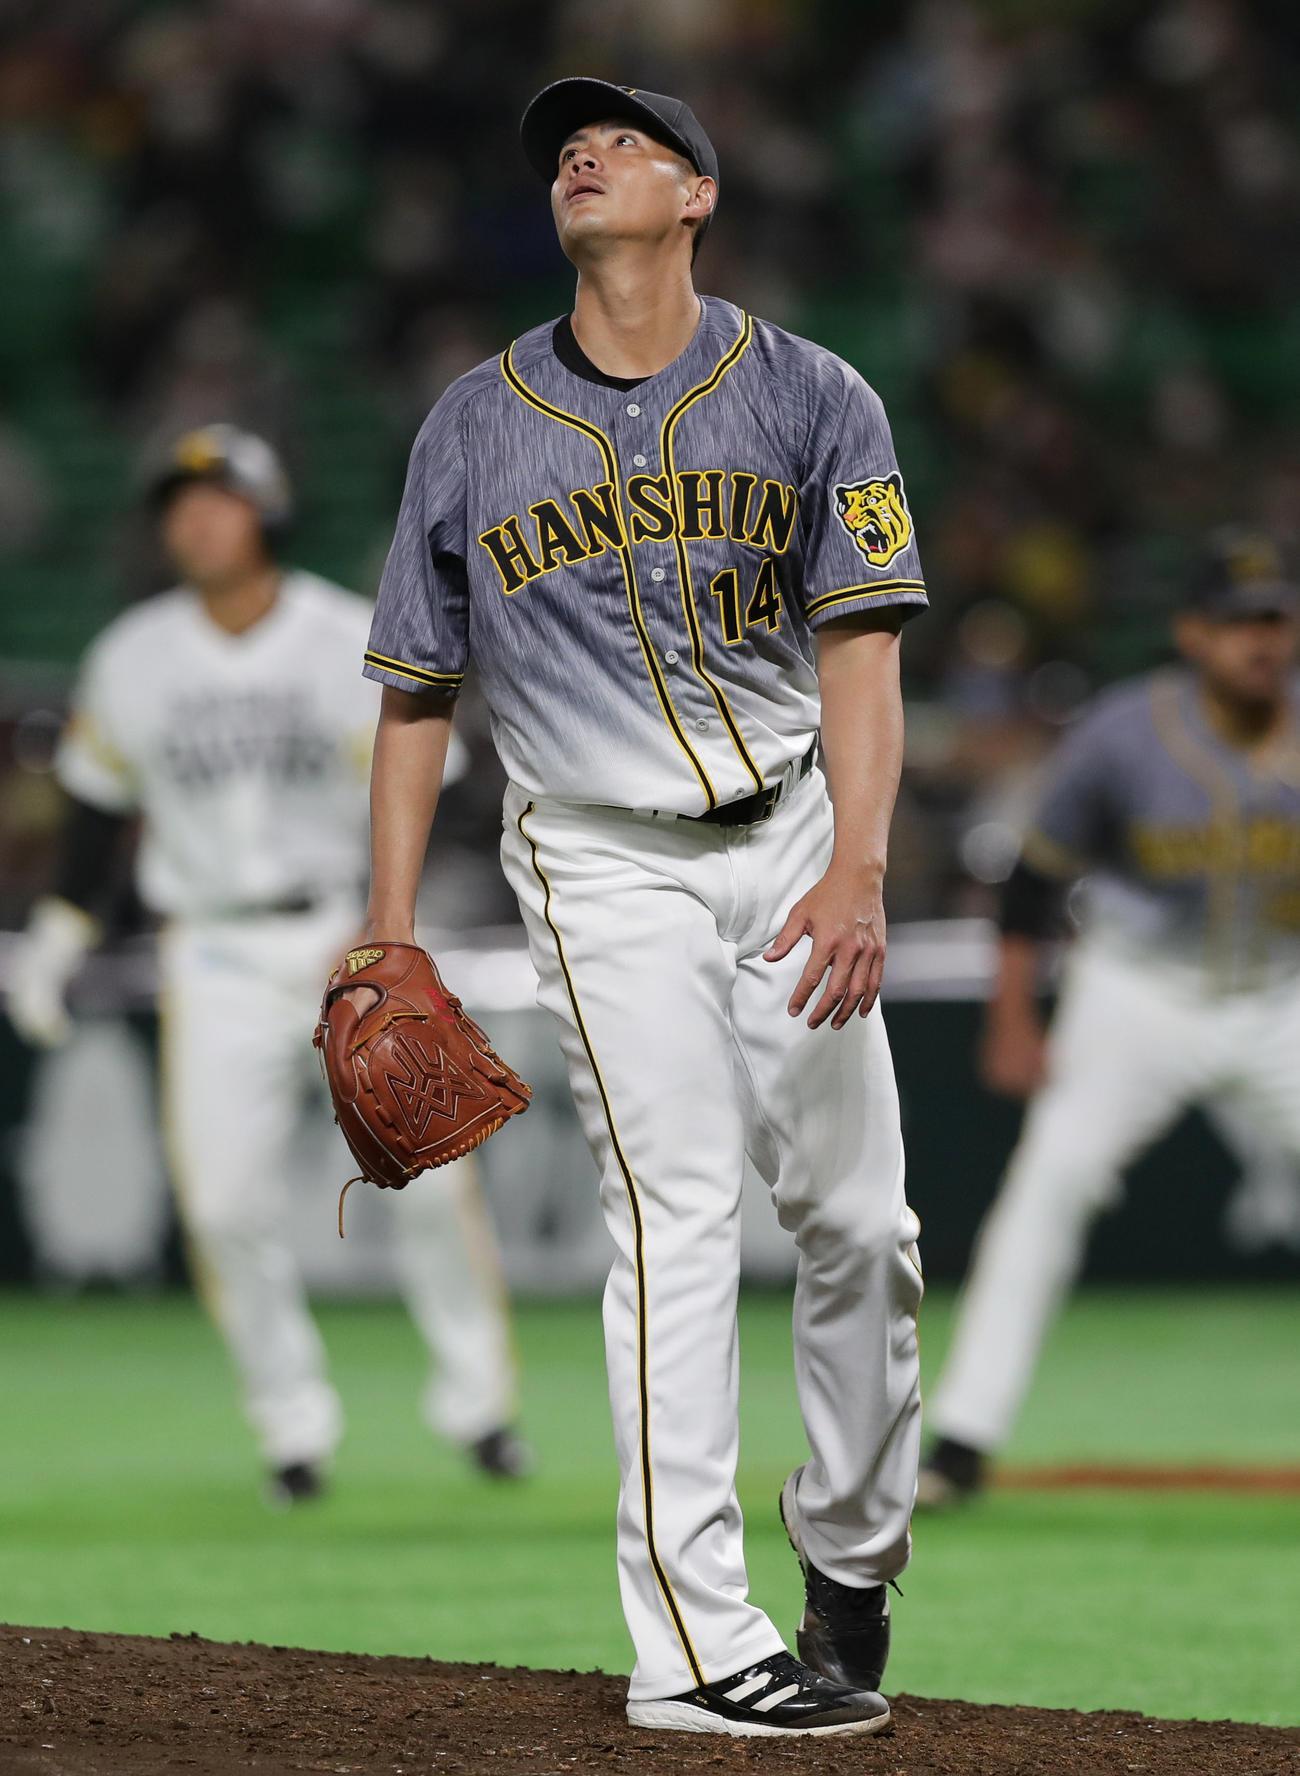 阪神チェンはソフトバンク甲斐に満塁本塁打を浴びる(撮影・前田充)